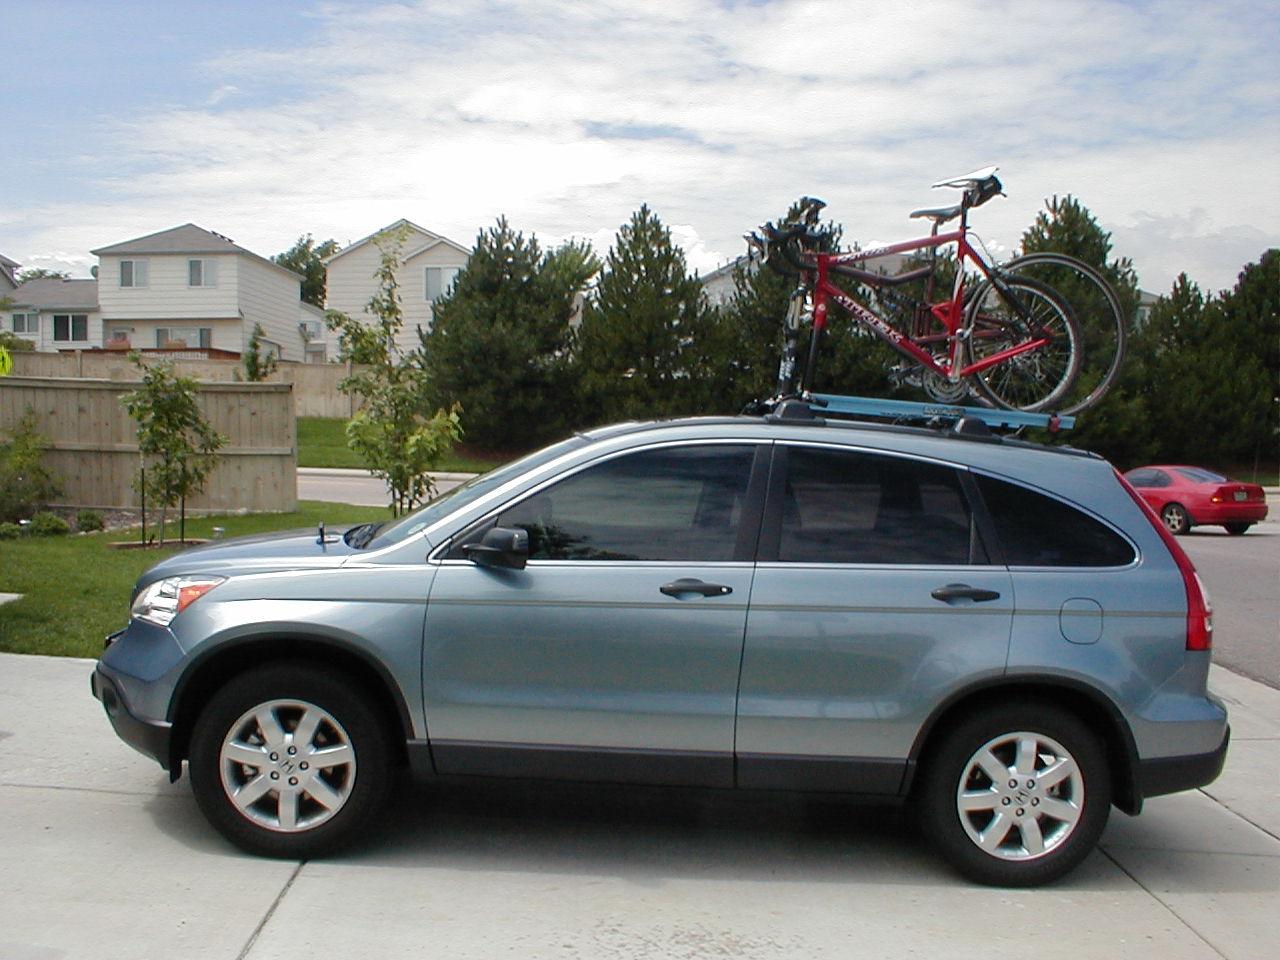 2007 Honda CR-V - Pictures - CarGurus